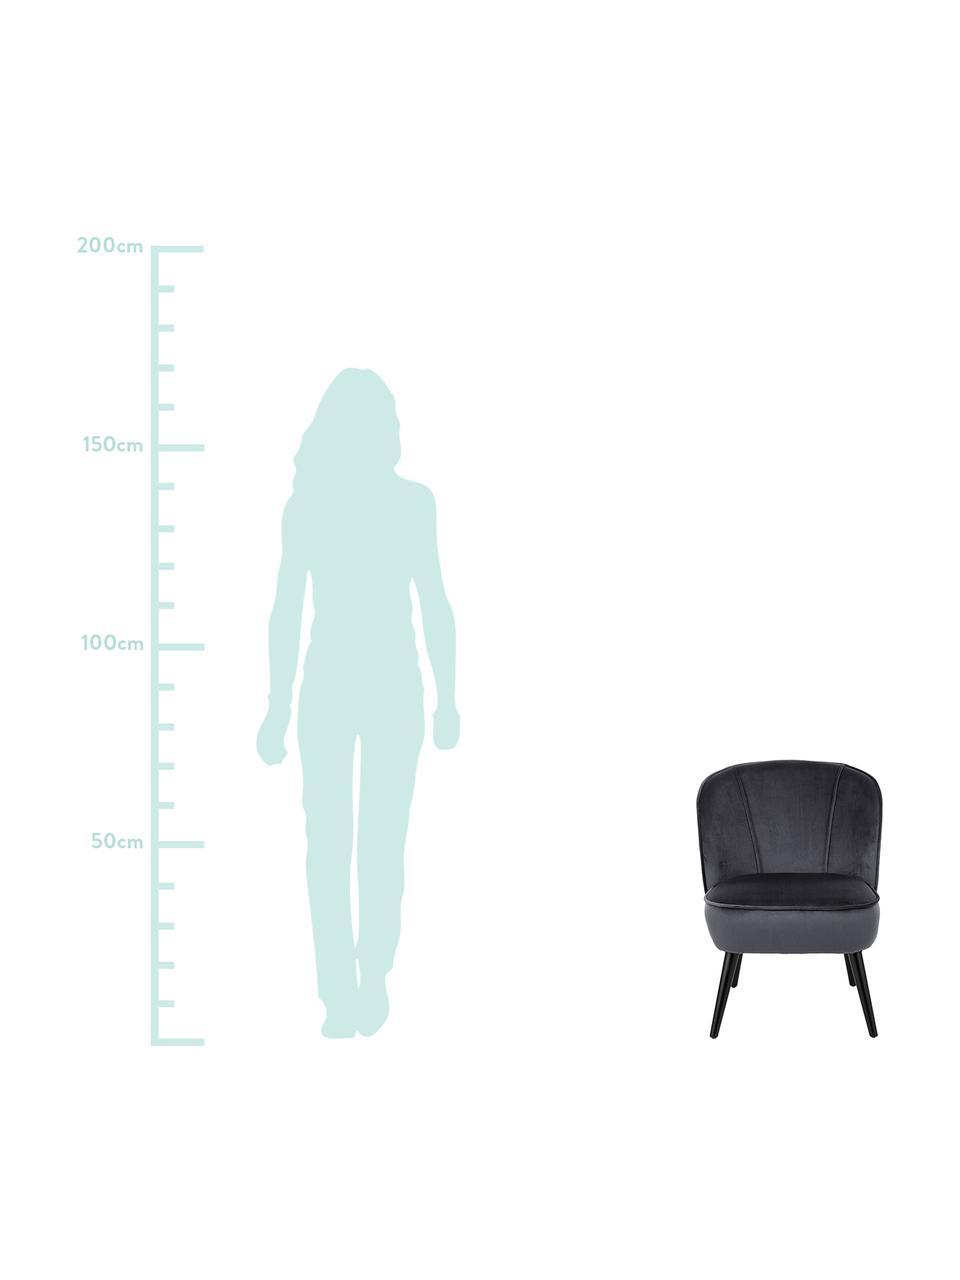 Fotel koktajlowy z aksamitu Lucky, Tapicerka: aksamit (poliester) Dzięk, Nogi: drewno kauczukowe, lakier, Aksamitny ciemny szary, S 59 x G 68 cm